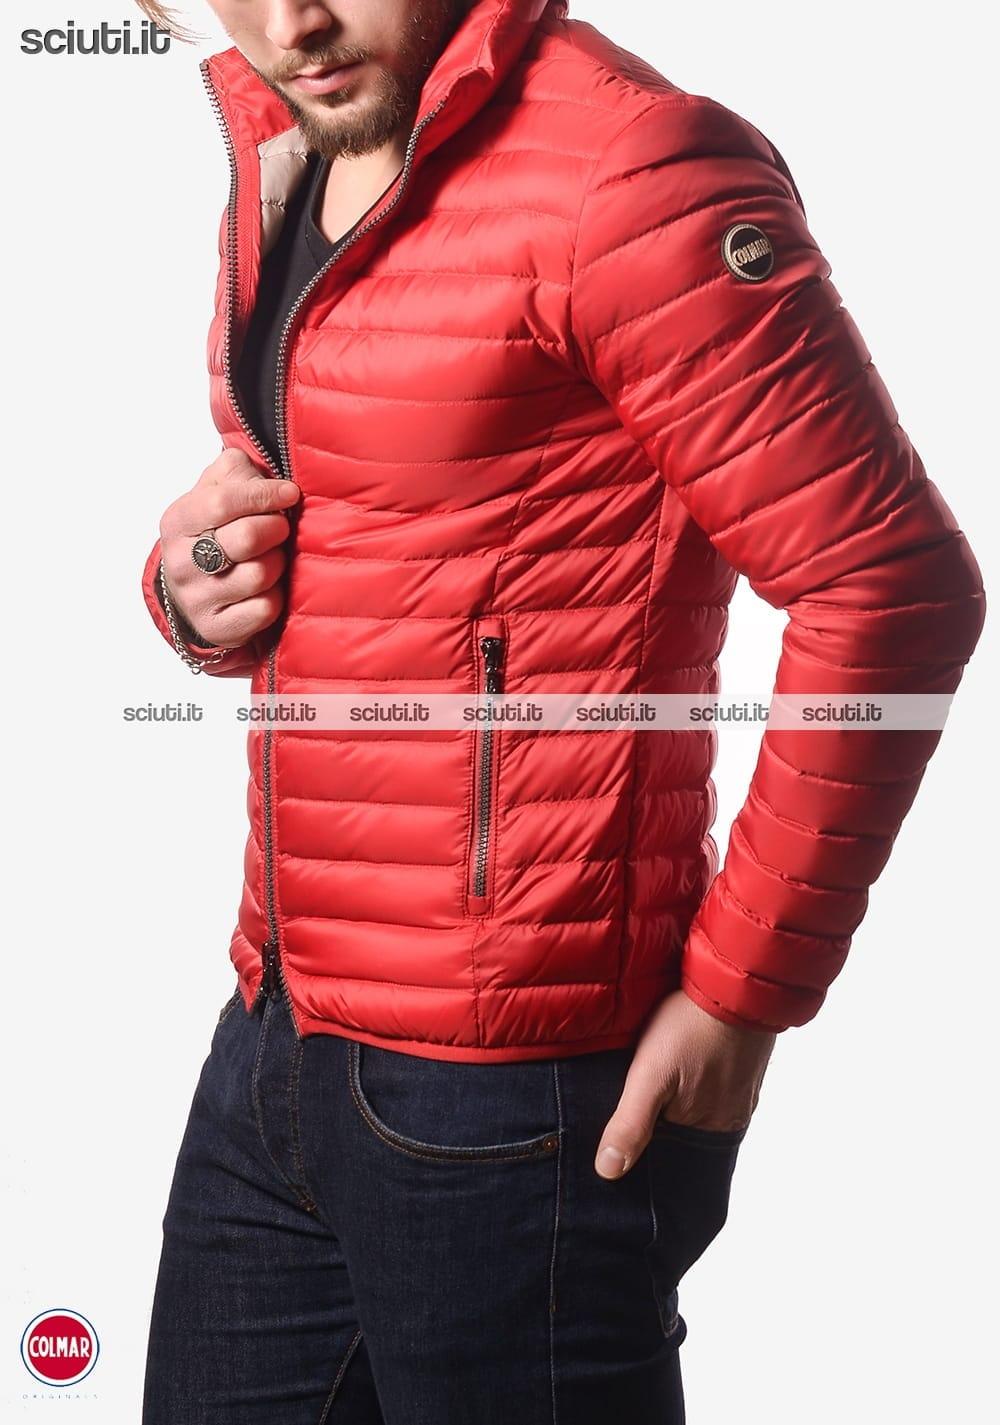 cheap for discount db55d 8a4f3 Piumino Colmar uomo leggero senza cappuccio rosso | Sciuti.it